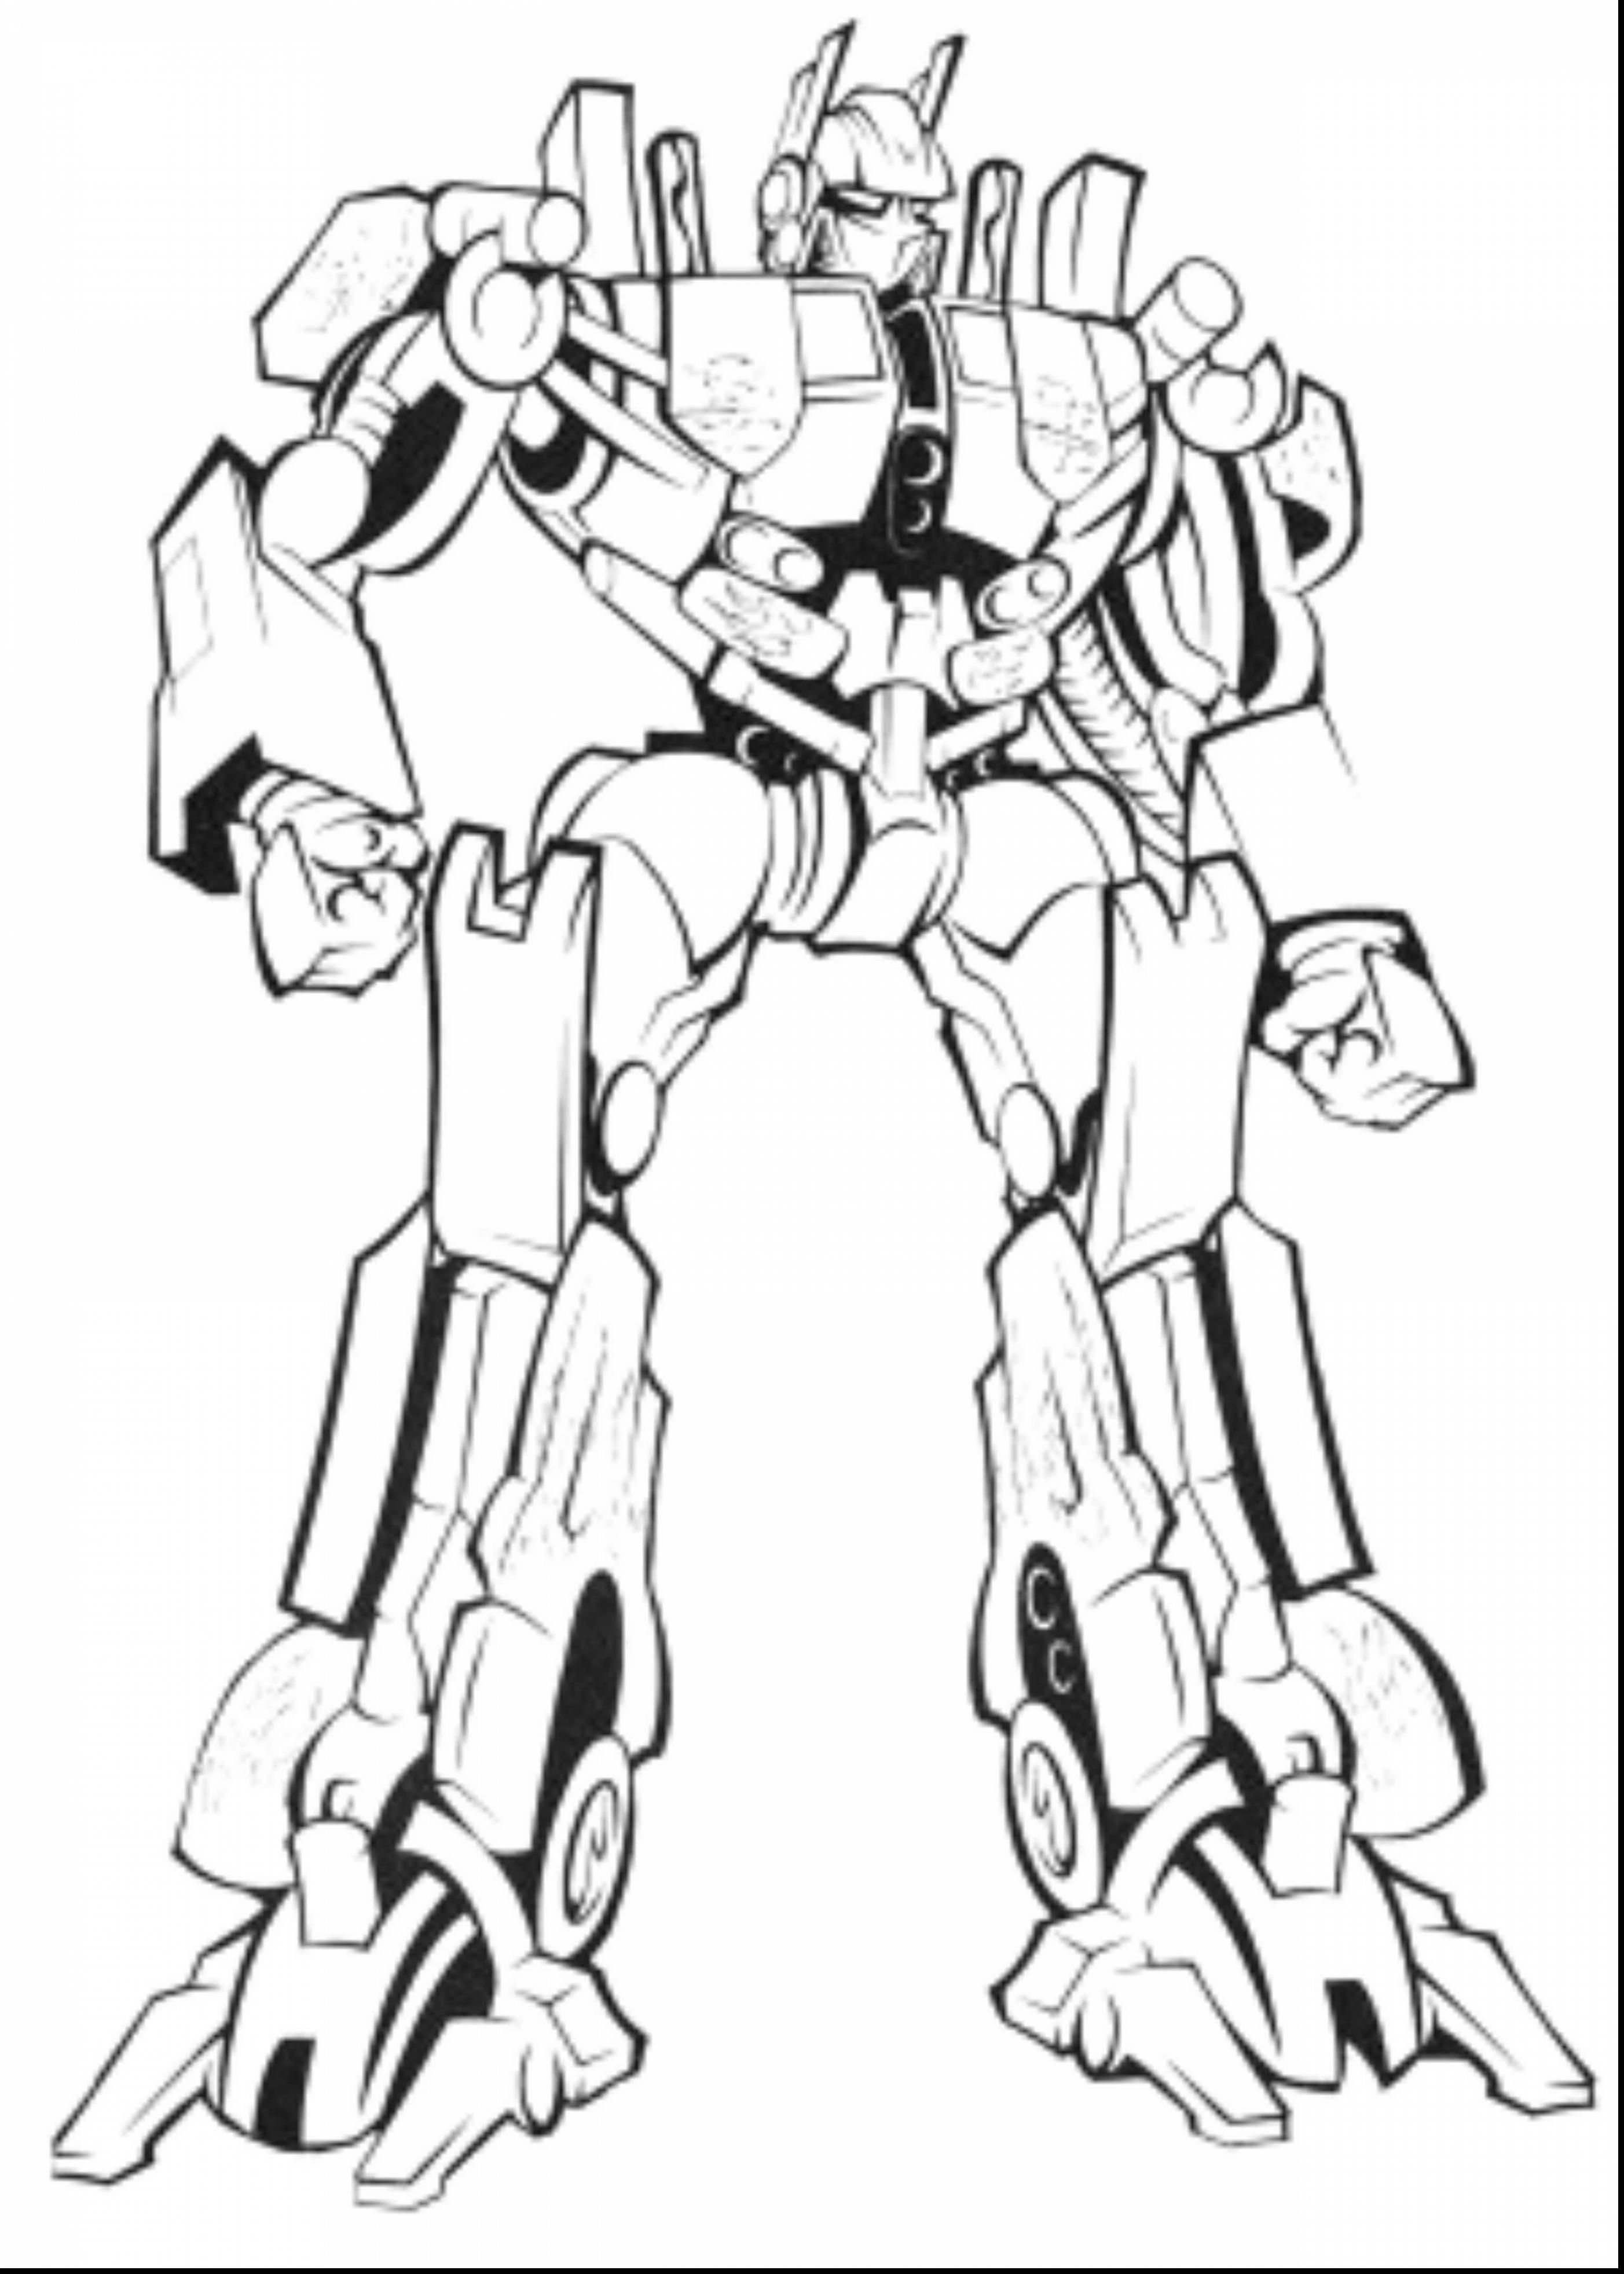 Transformer Optimus Prime Drawing at GetDrawings.com | Free for ...